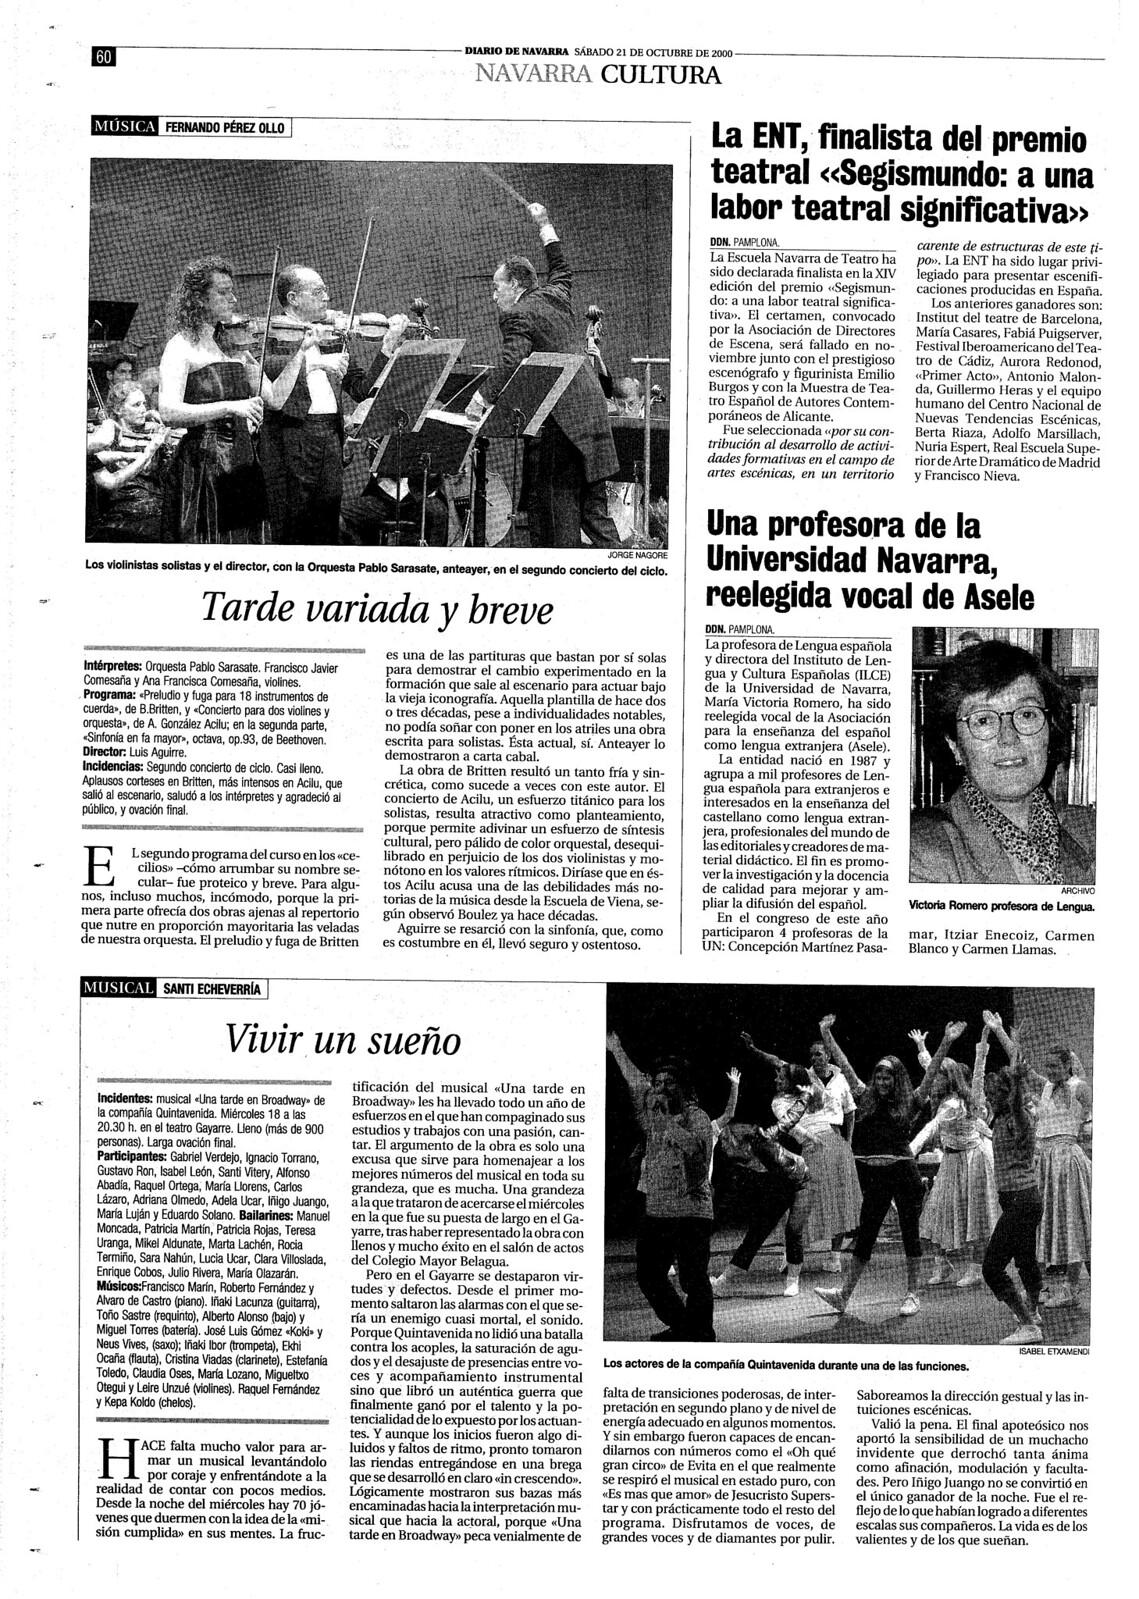 El ILCE en Diario de Navarra